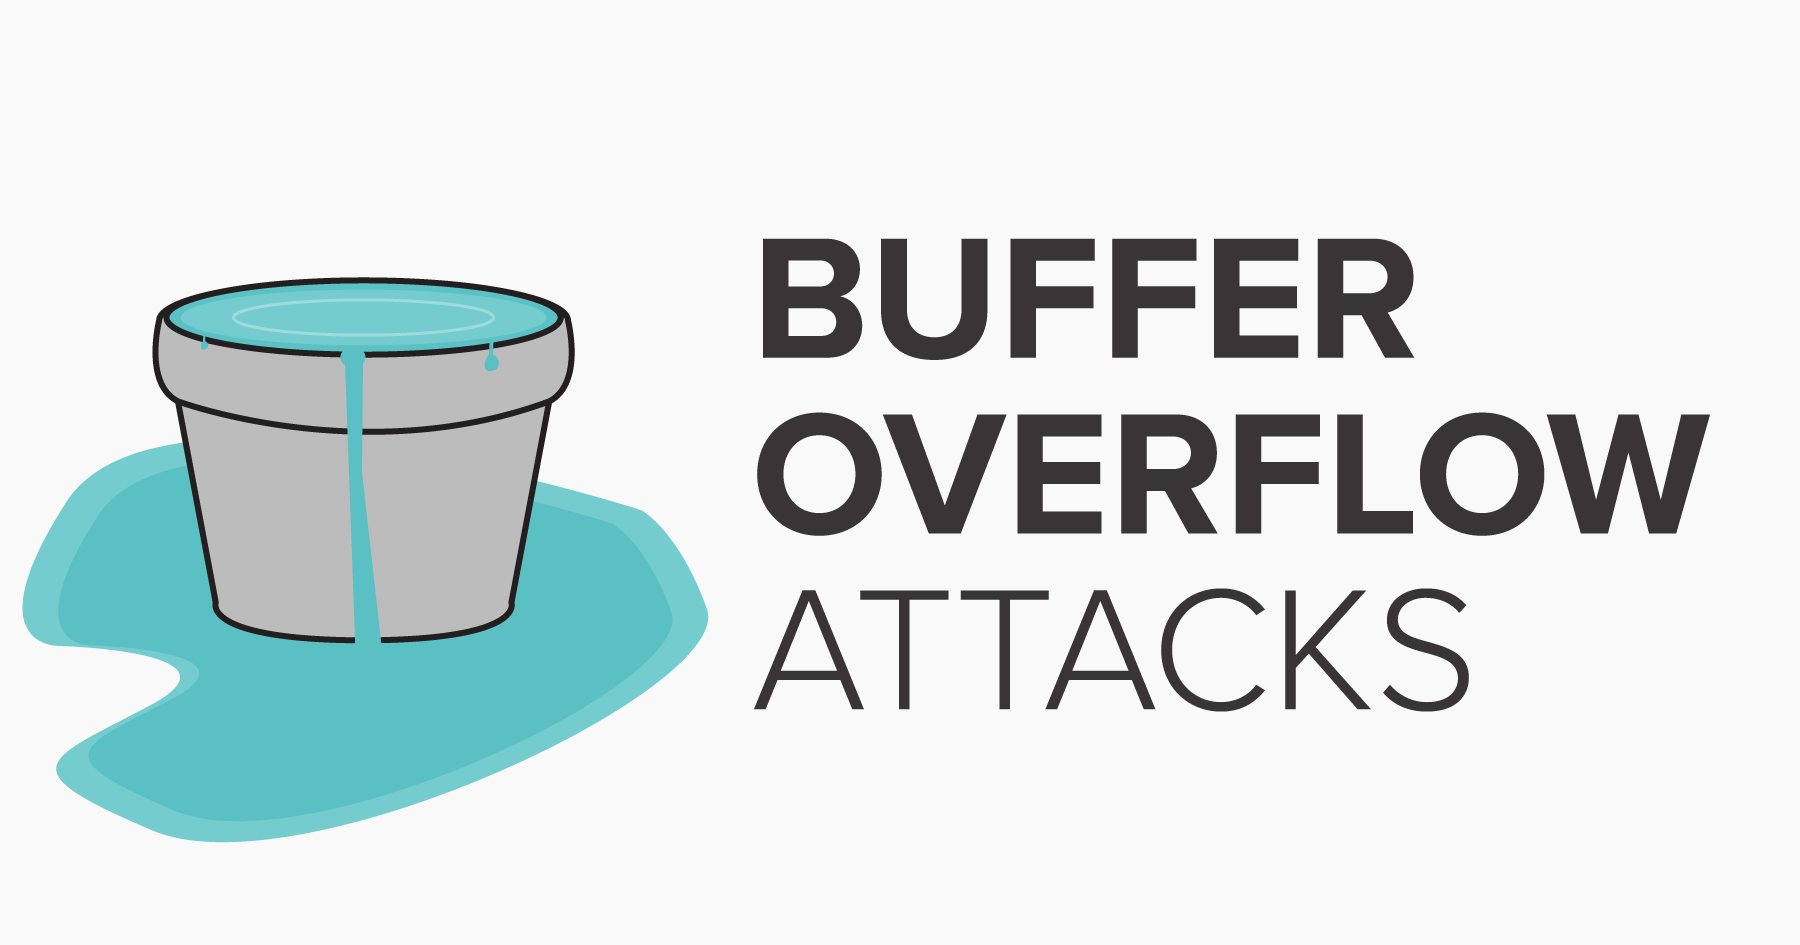 آموزش حمله سرریز بافر buffer overflow